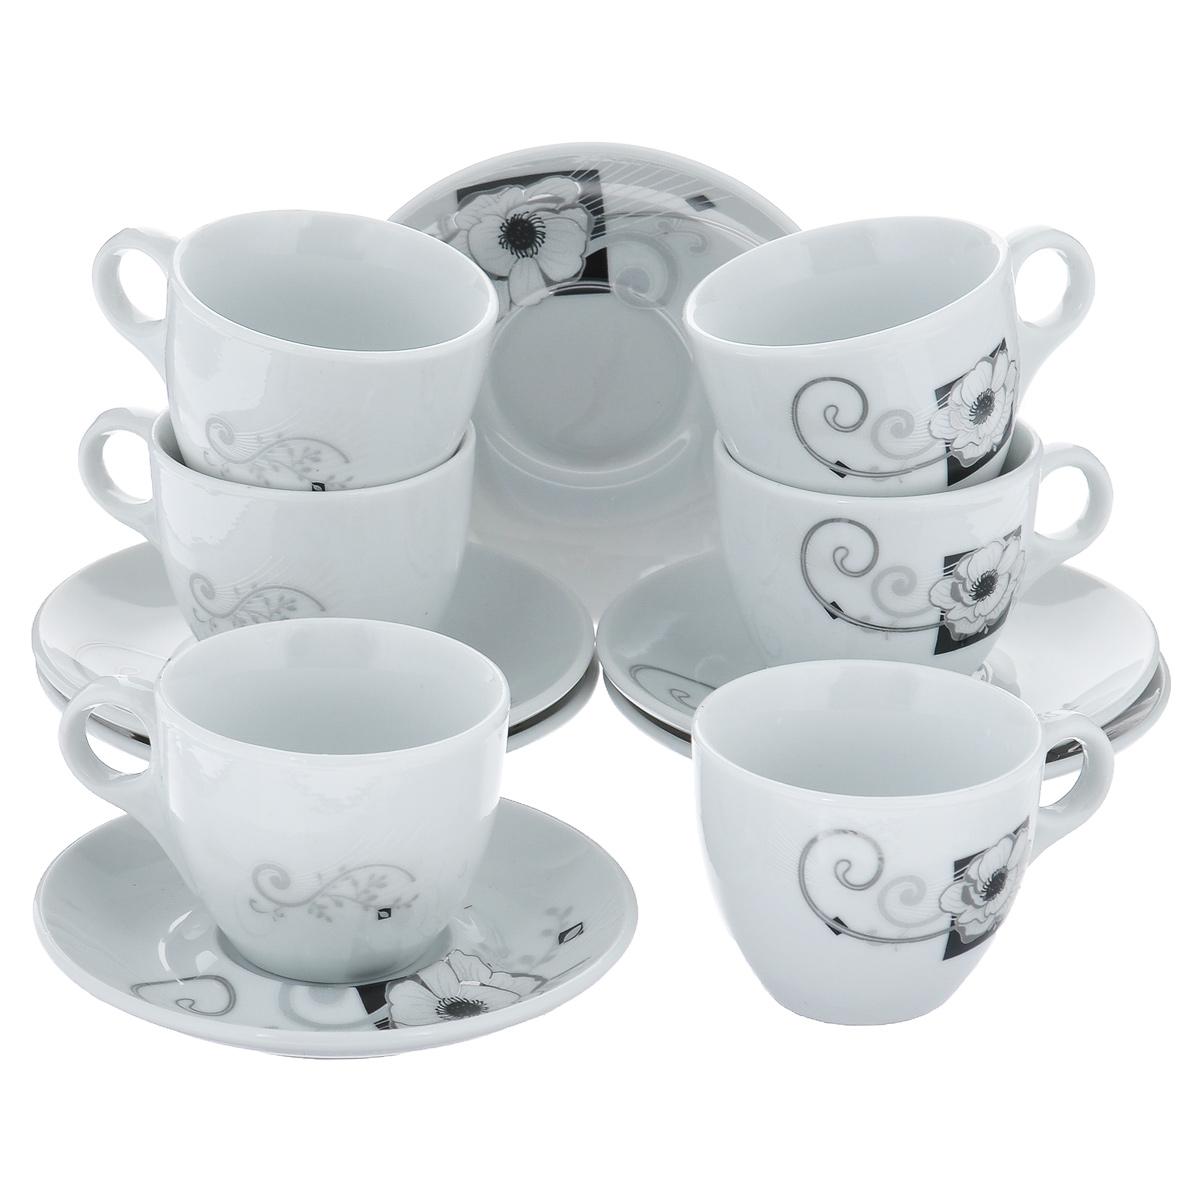 Набор кофейный Bekker, 12 предметов. BK-6815BK-6815Набор кофейный Bekker состоит из 6 чашек и 6 блюдец. Чашки и блюдца изготовлены из высококачественного фарфора с изображением цветов. Такой дизайн, несомненно, придется по вкусу и ценителям классики, и тем, кто предпочитает утонченность и изящность. Набор кофейный на подставке Bekker украсит ваш кухонный стол, а также станет замечательным подарком к любому празднику. Набор упакован в подарочную коробку из плотного цветного картона. Внутренняя часть коробки задрапирована белой атласной тканью, и каждый предмет надежно крепится в определенном положении благодаря особым выемкам в коробке. Можно мыть в посудомоечной машине.